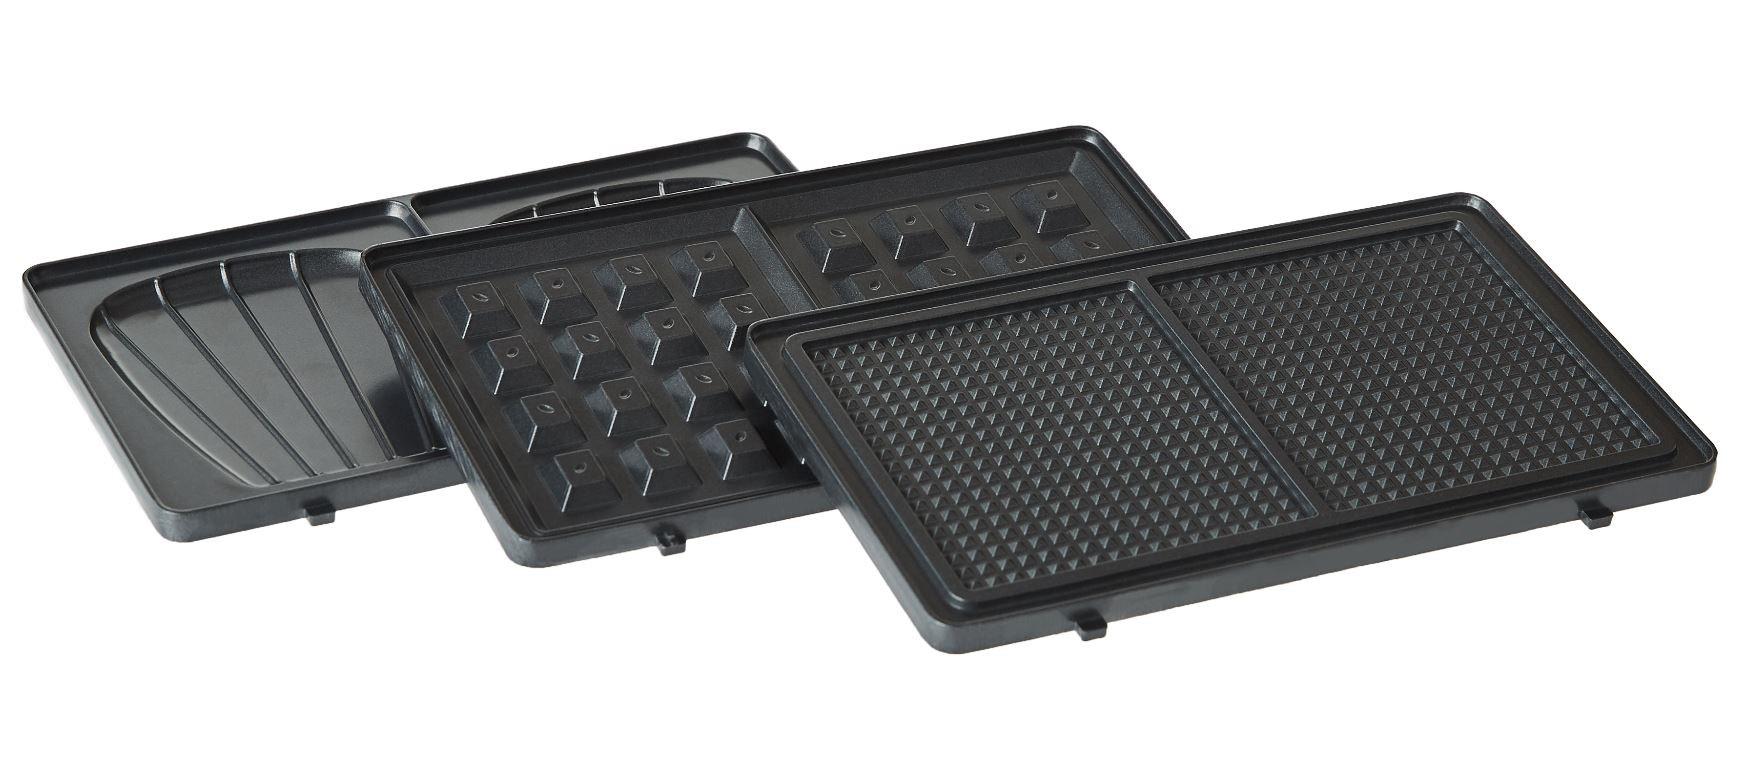 Ensemble des plaques vendues avec l'appareil Waffle Party